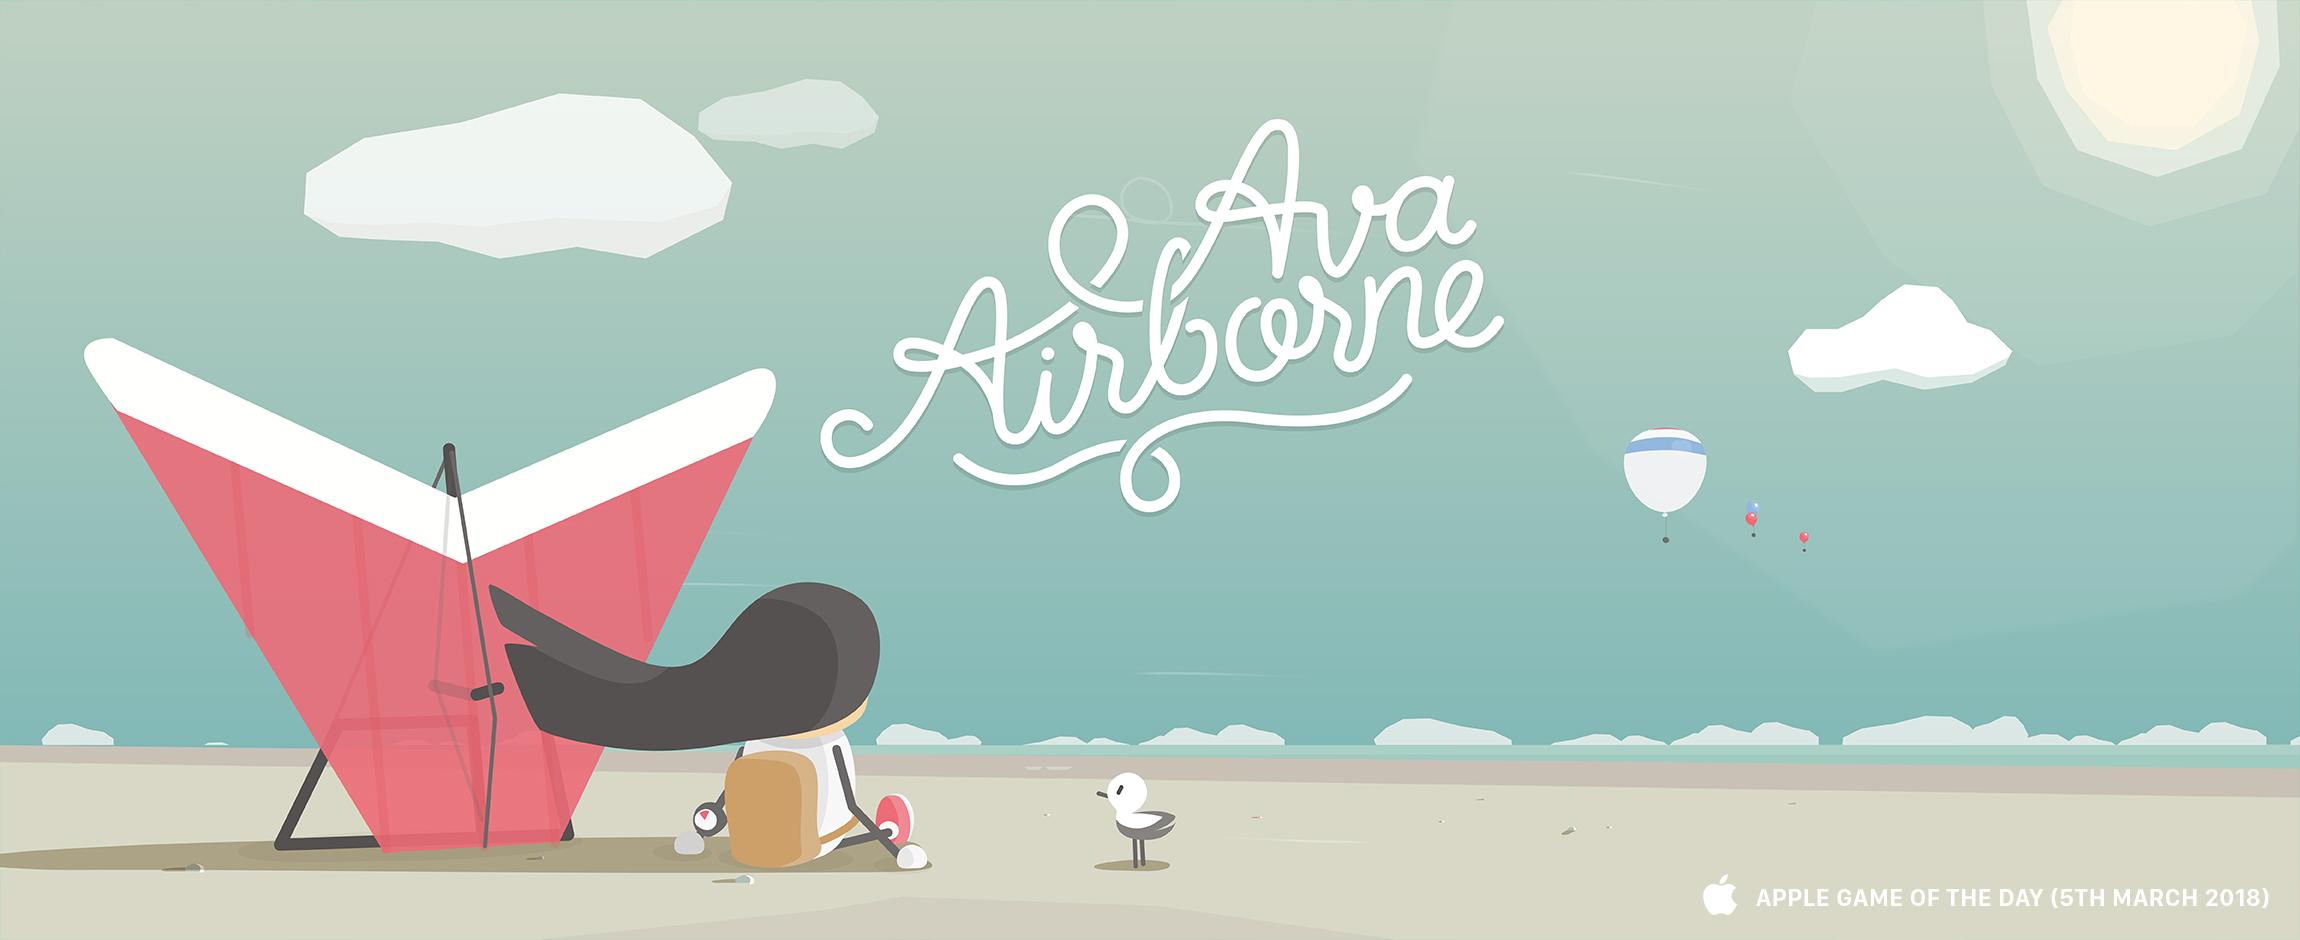 Ava-Banner.jpg